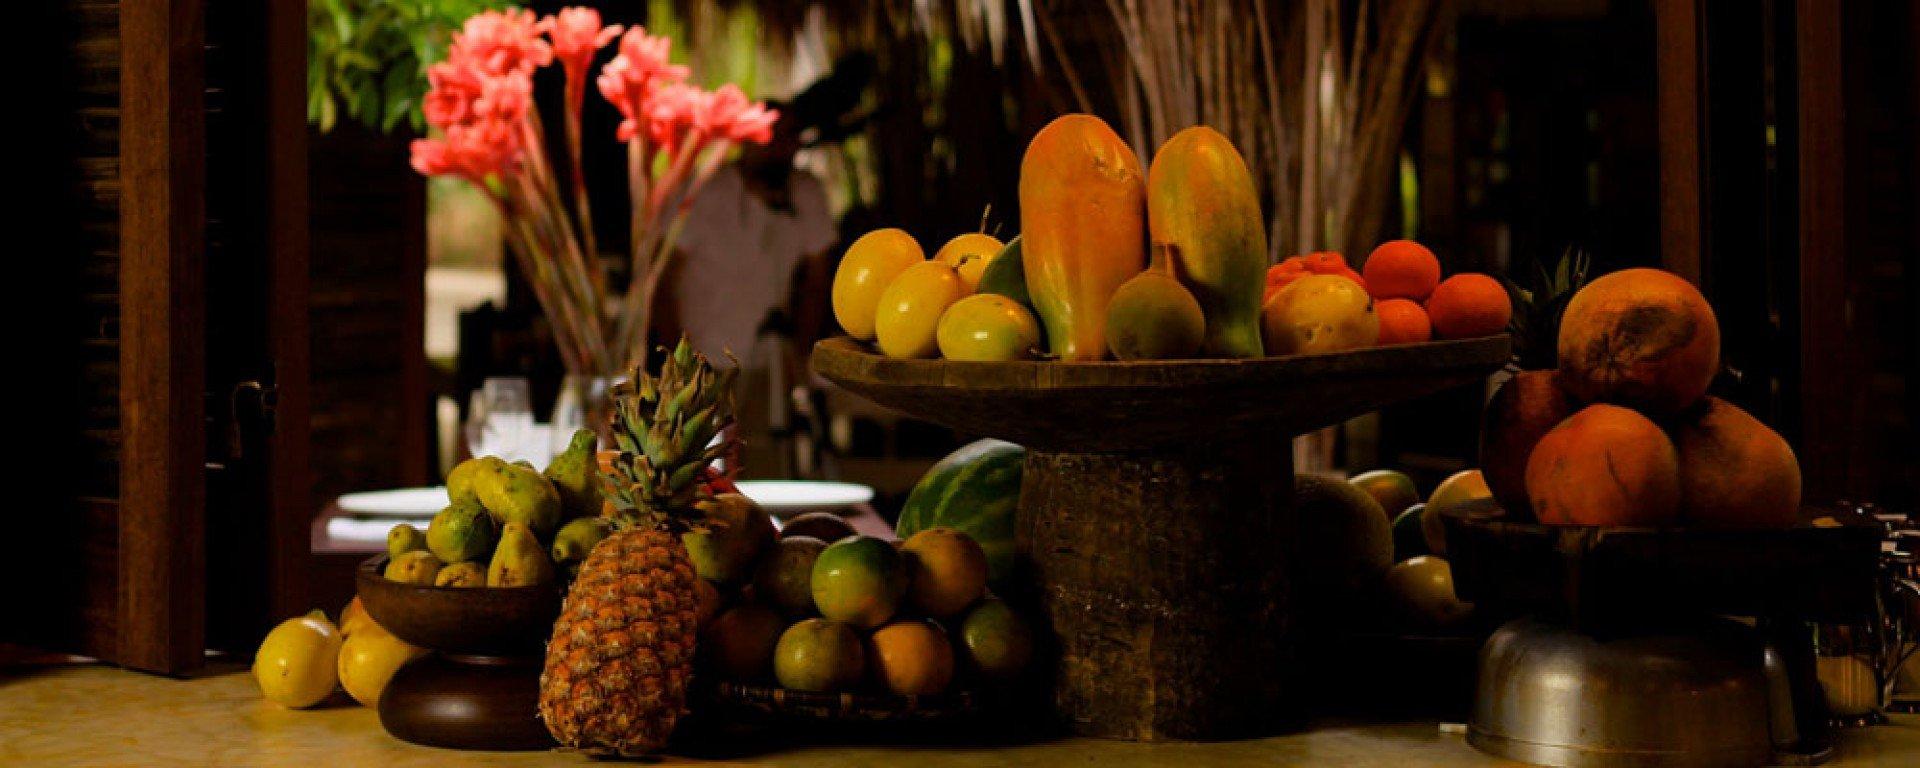 Merecumbe hotel fruit station